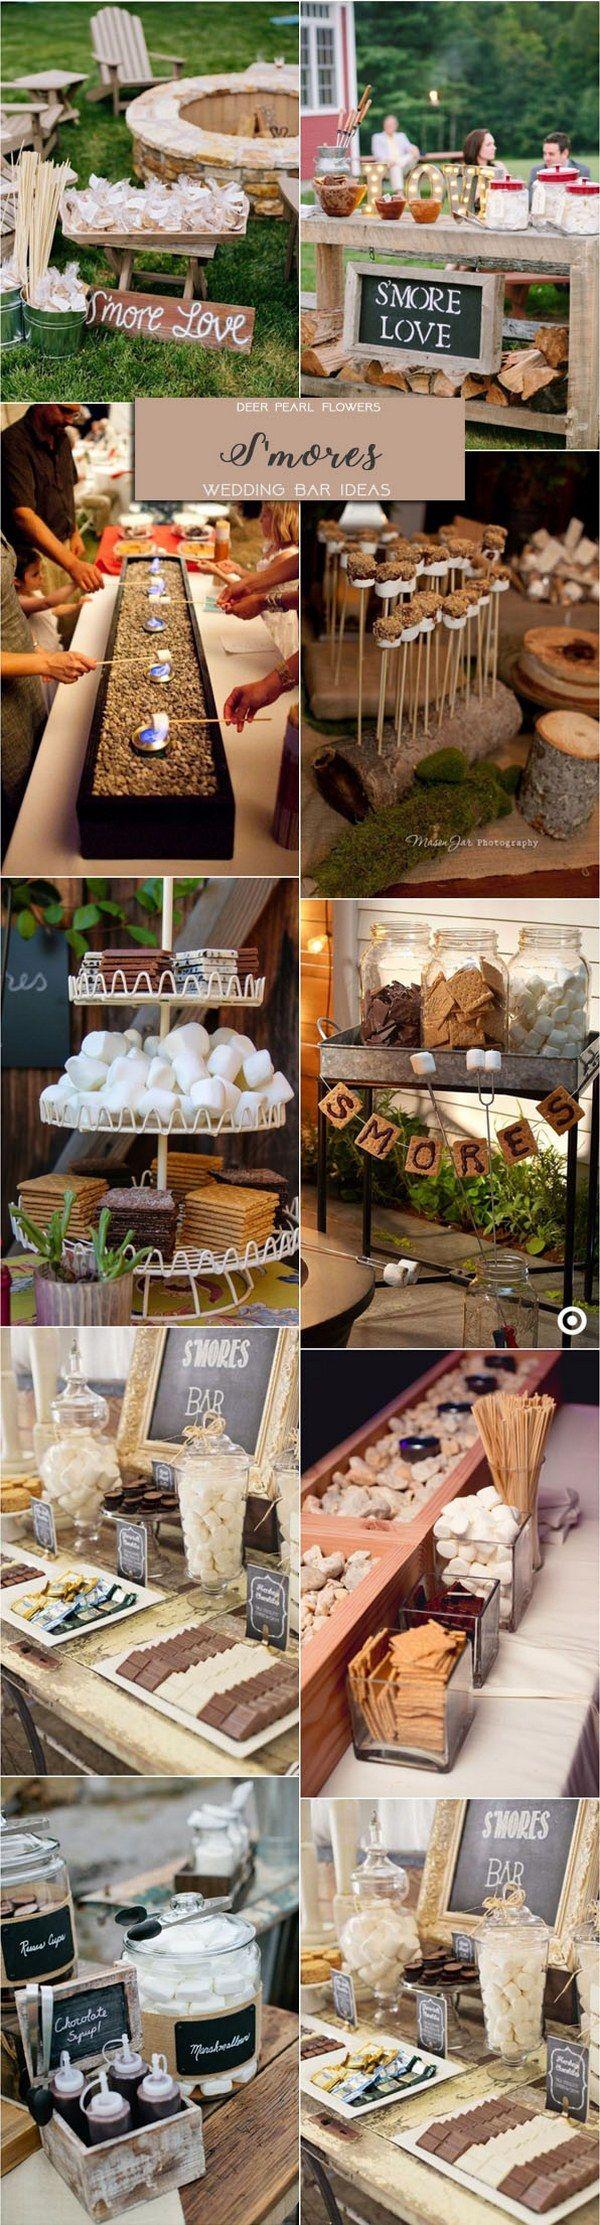 Wedding Catering Trends Top 8 Wedding Dessert Bar Ideas